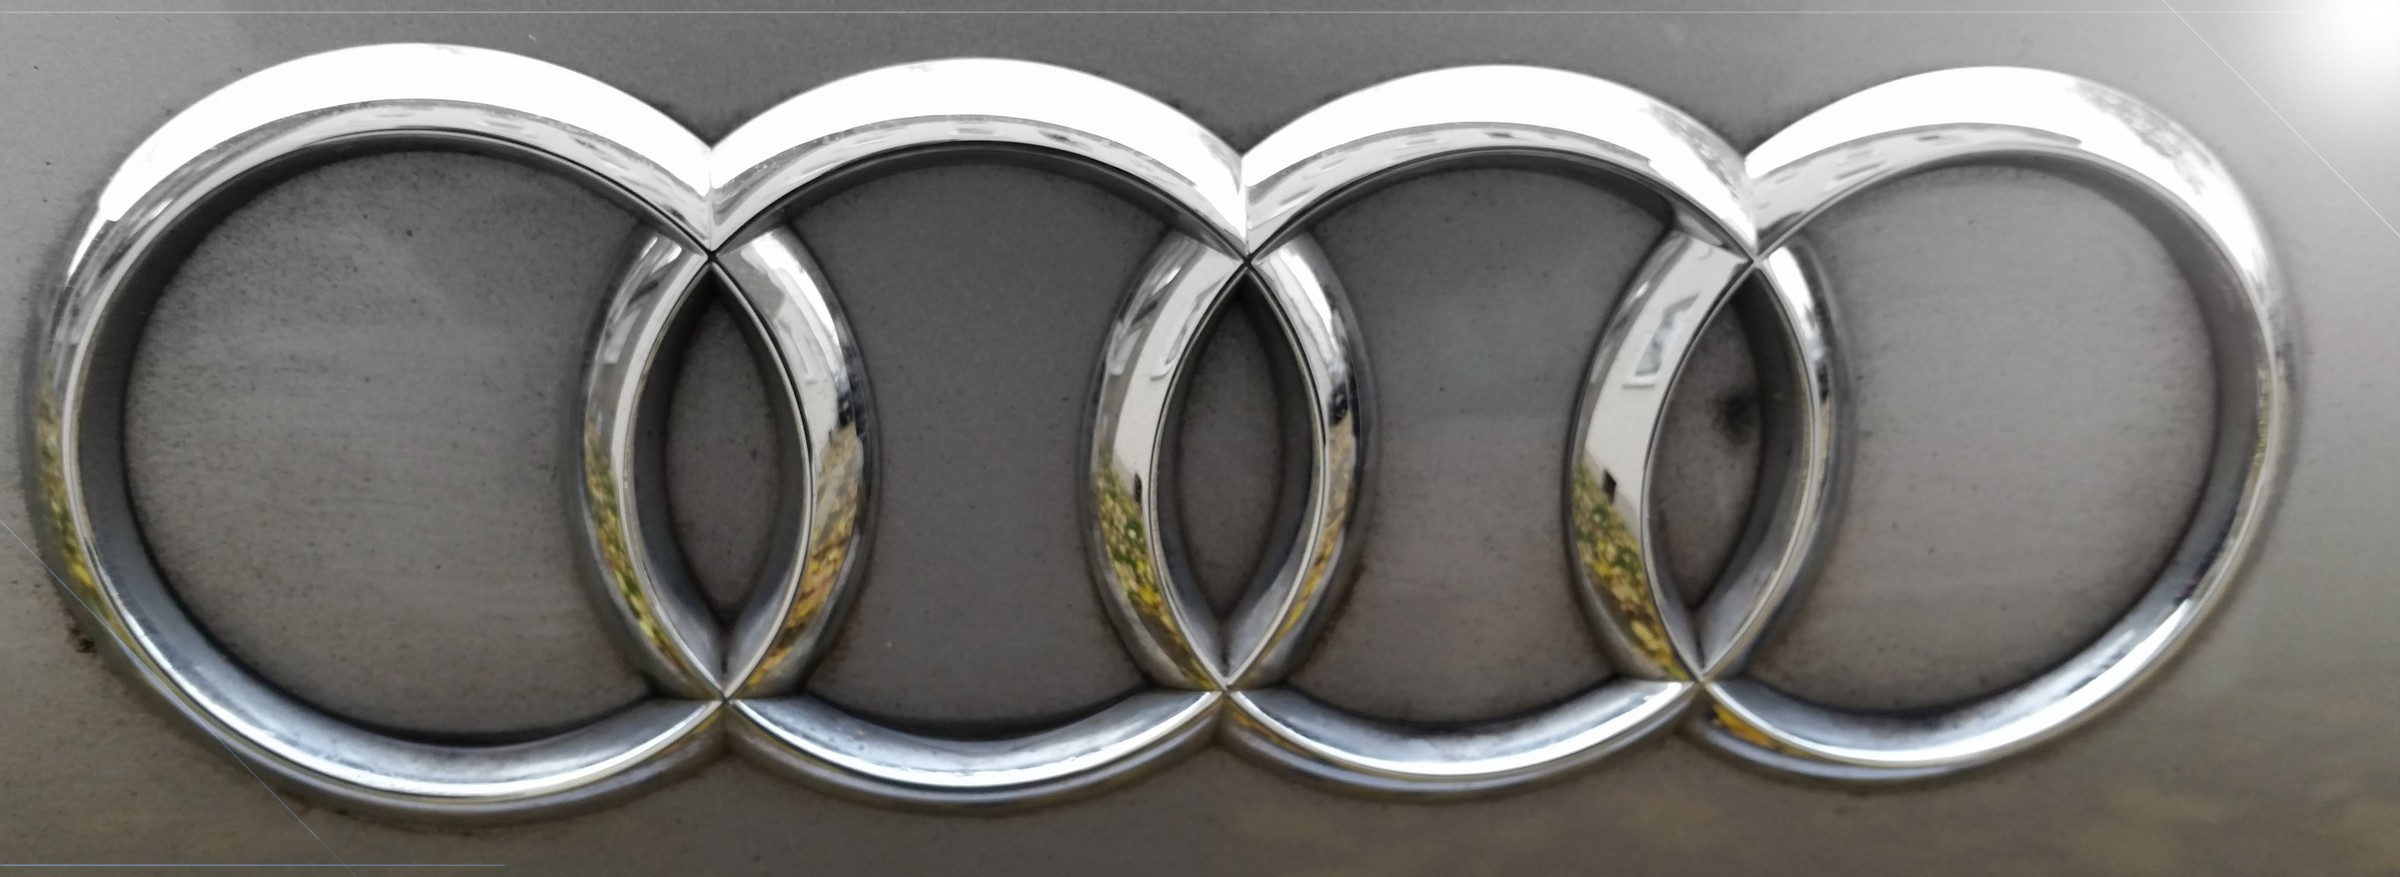 Audi A4 Avant 2.0 TDI (8)